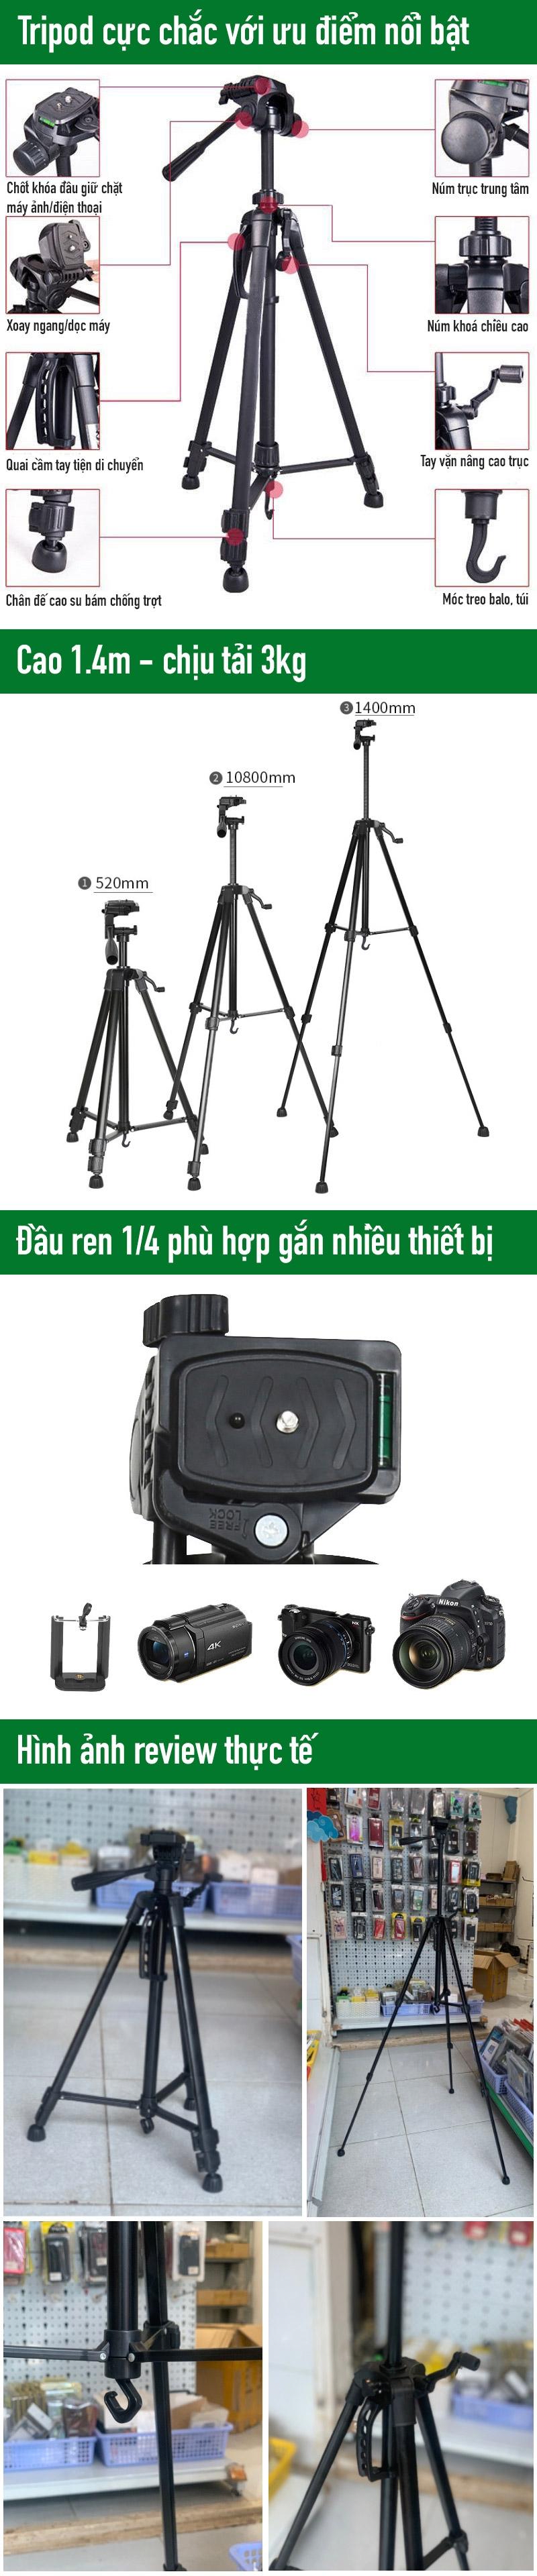 tripod giá đỡ 3 chân điện thoại livestream, chụp hình quay video - phukienmini.vn